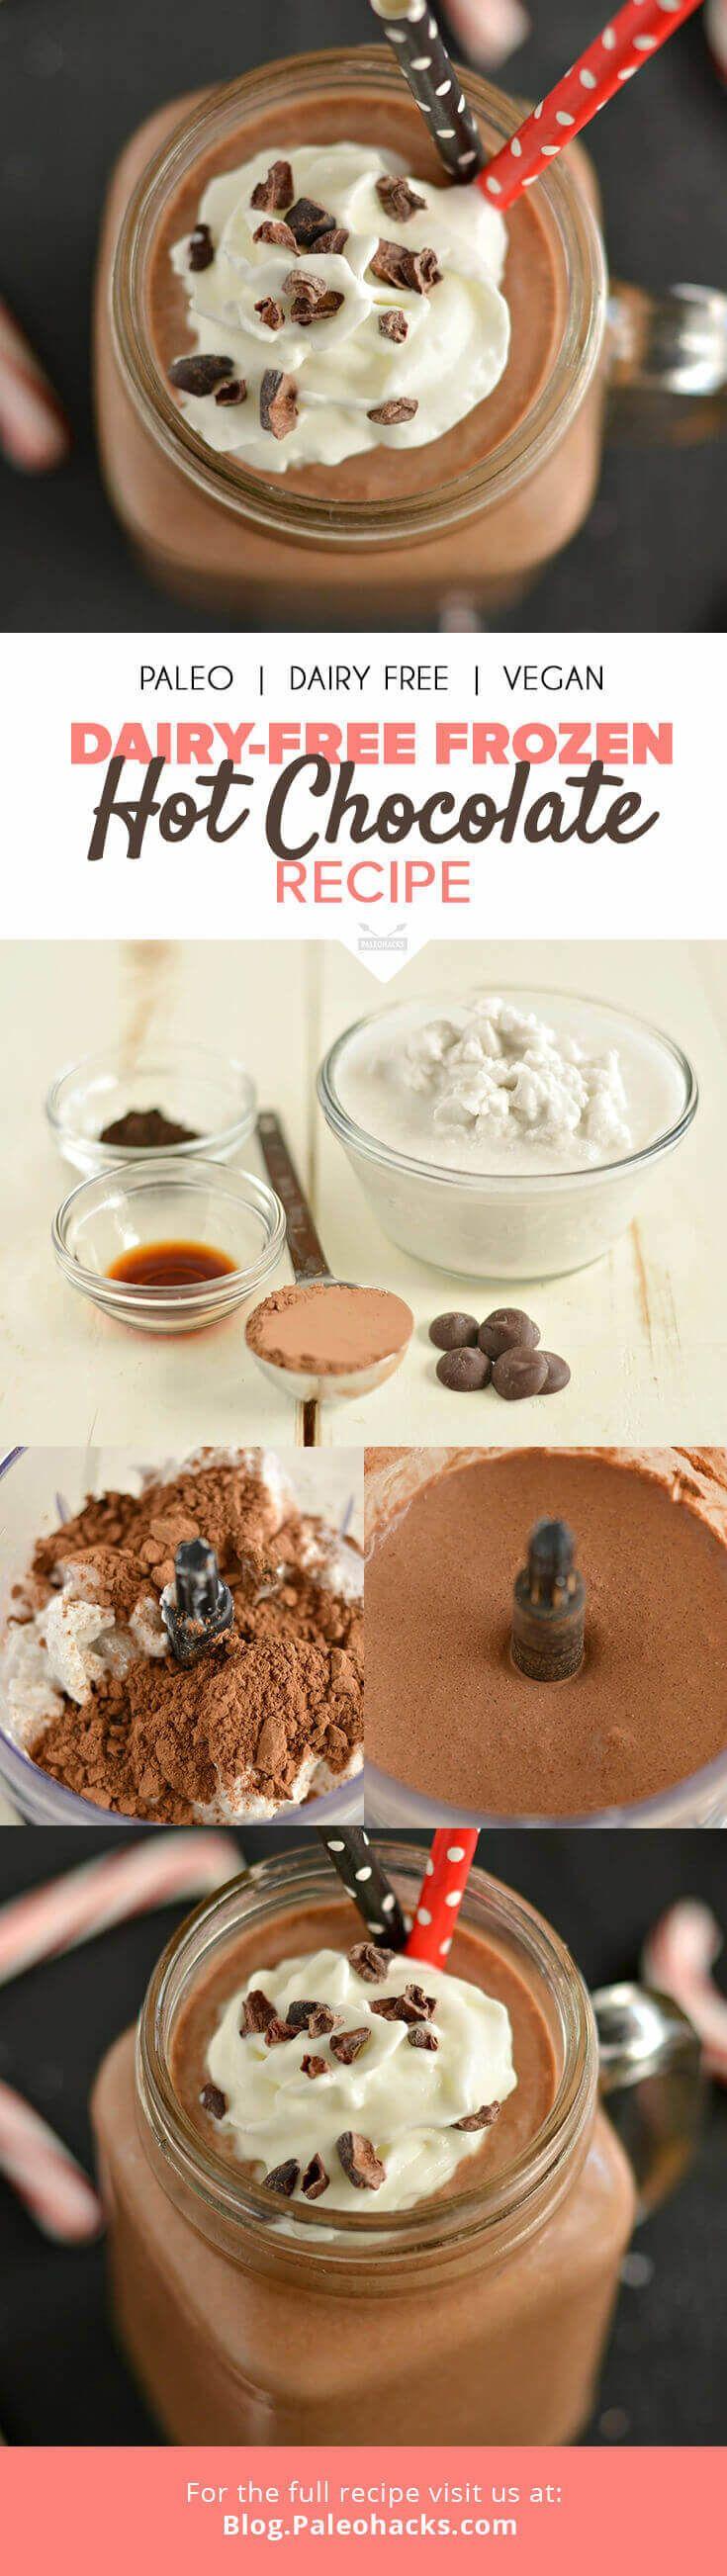 Dairy-Free Frozen Hot Chocolate Recipe | Raw, Vegan, Paleo